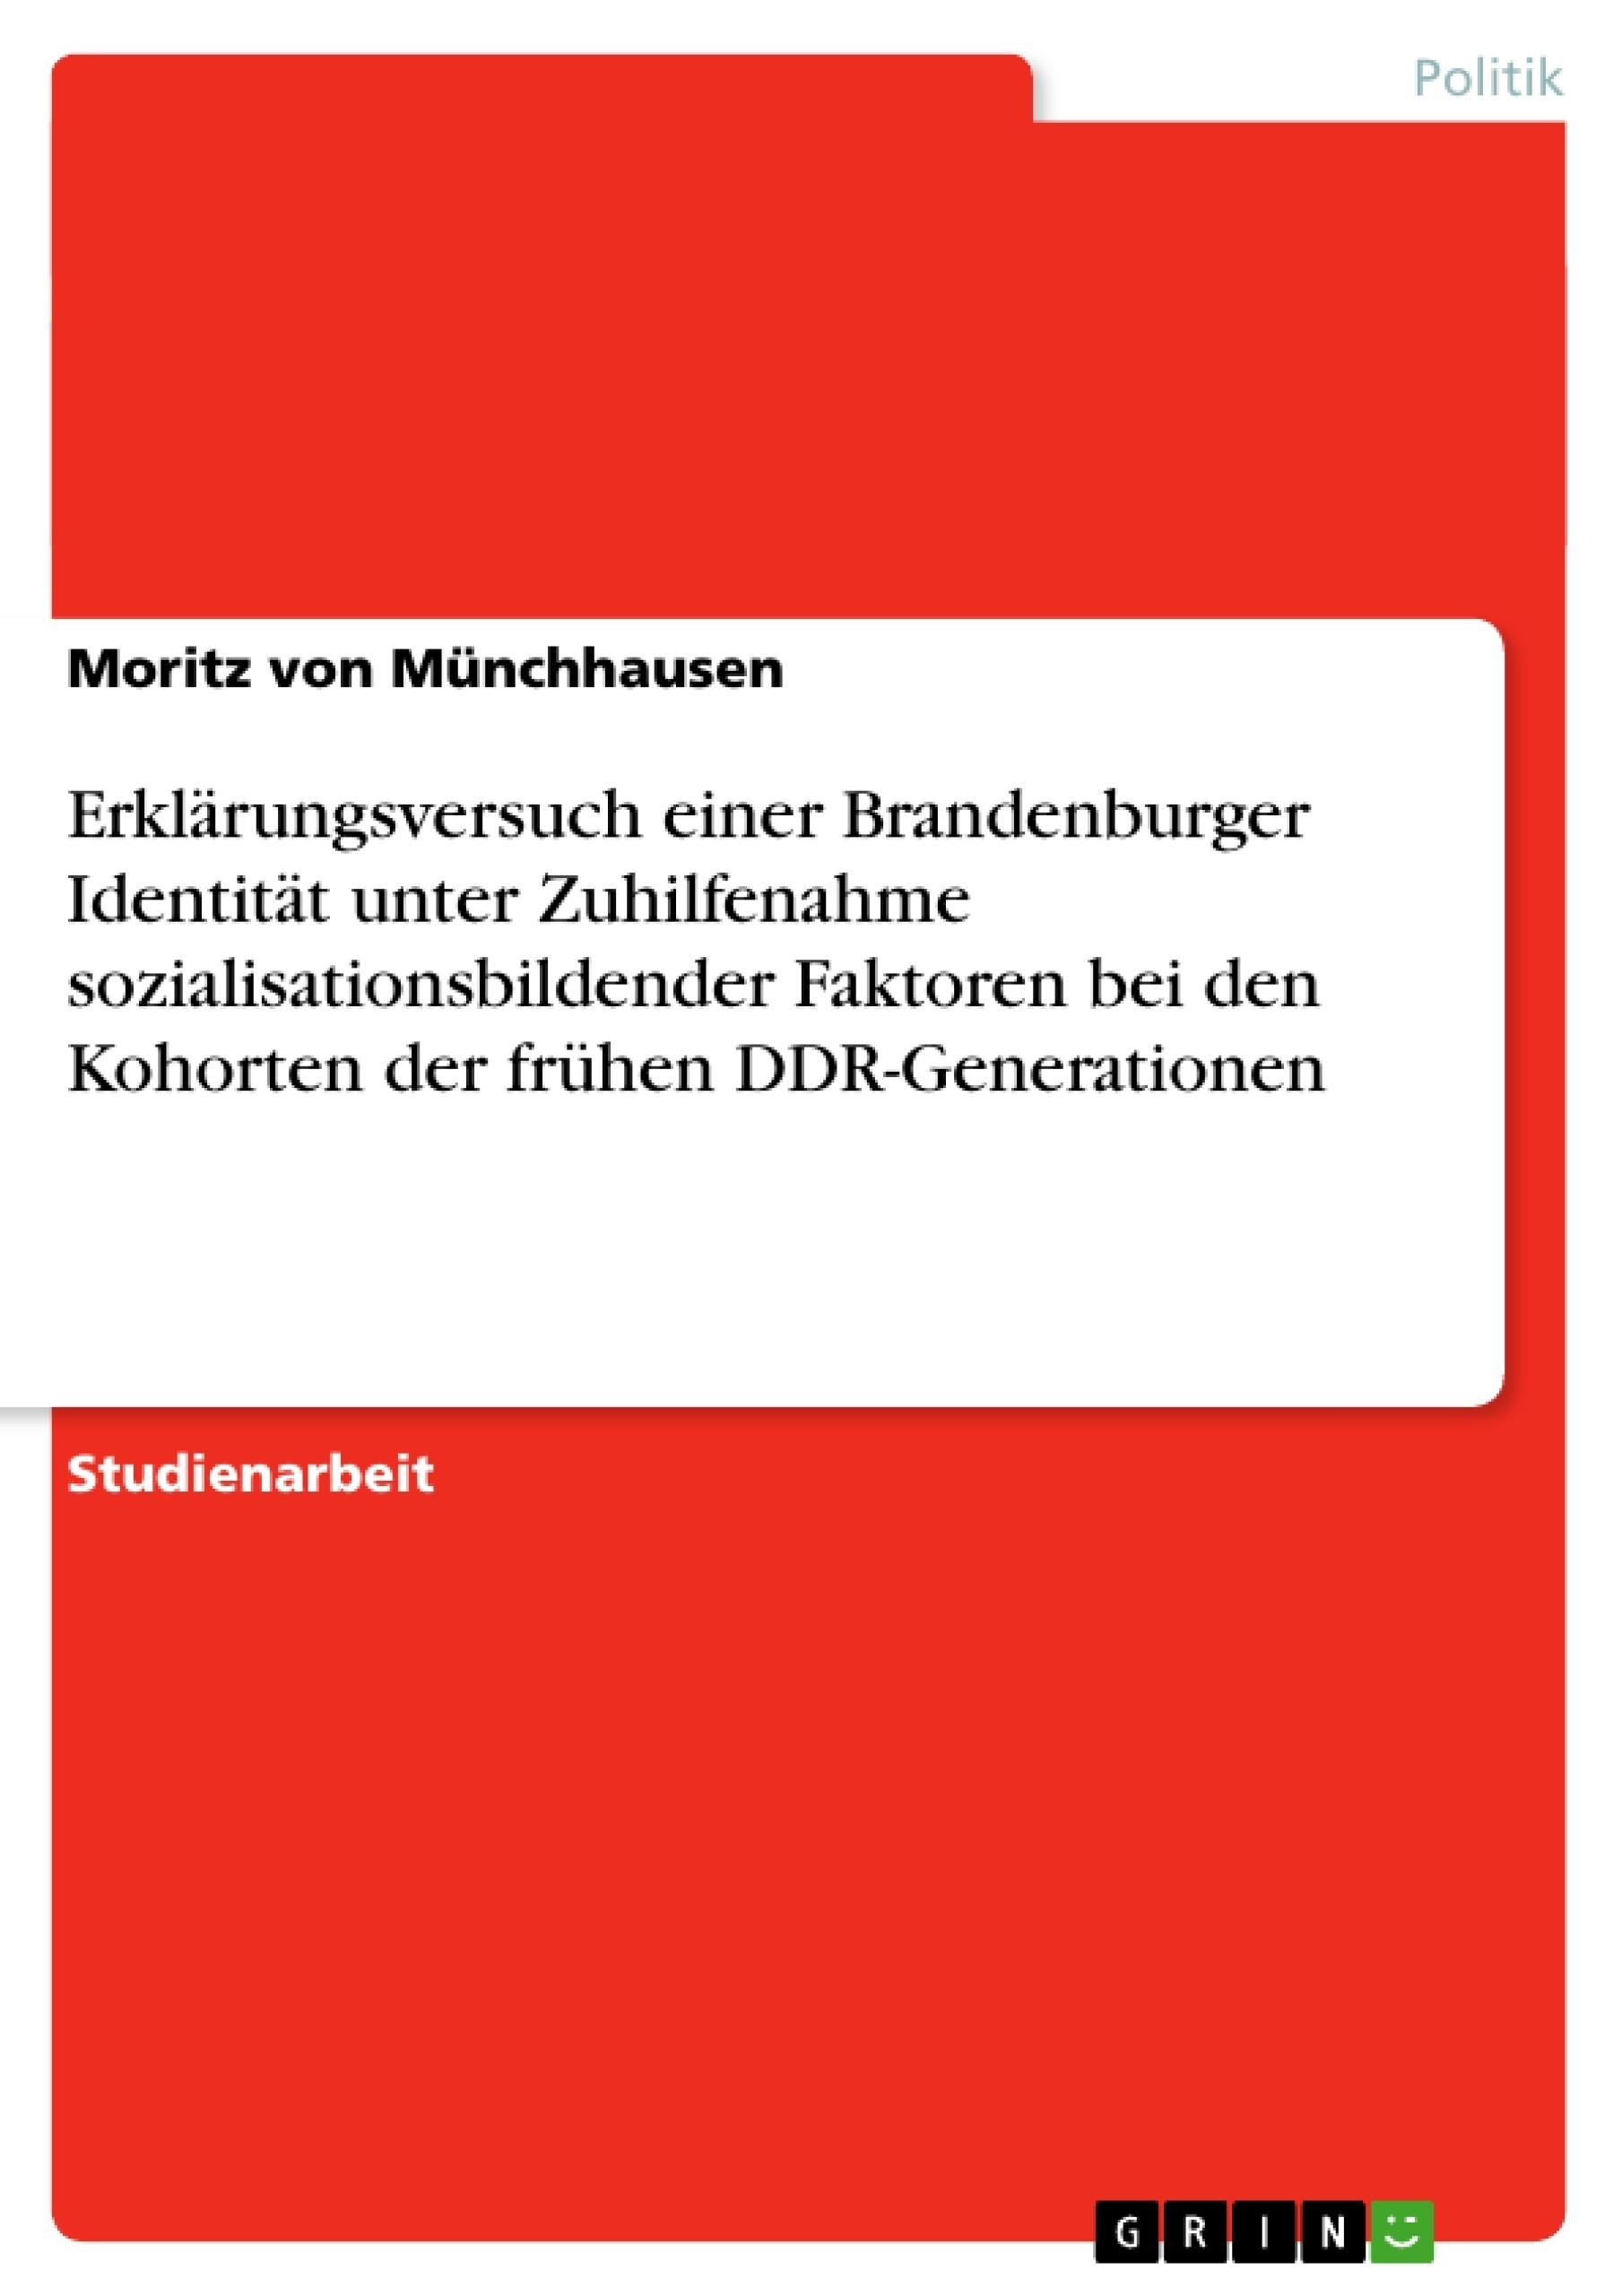 Titel: Erklärungsversuch einer Brandenburger Identität unter Zuhilfenahme sozialisationsbildender Faktoren bei den Kohorten der frühen DDR-Generationen